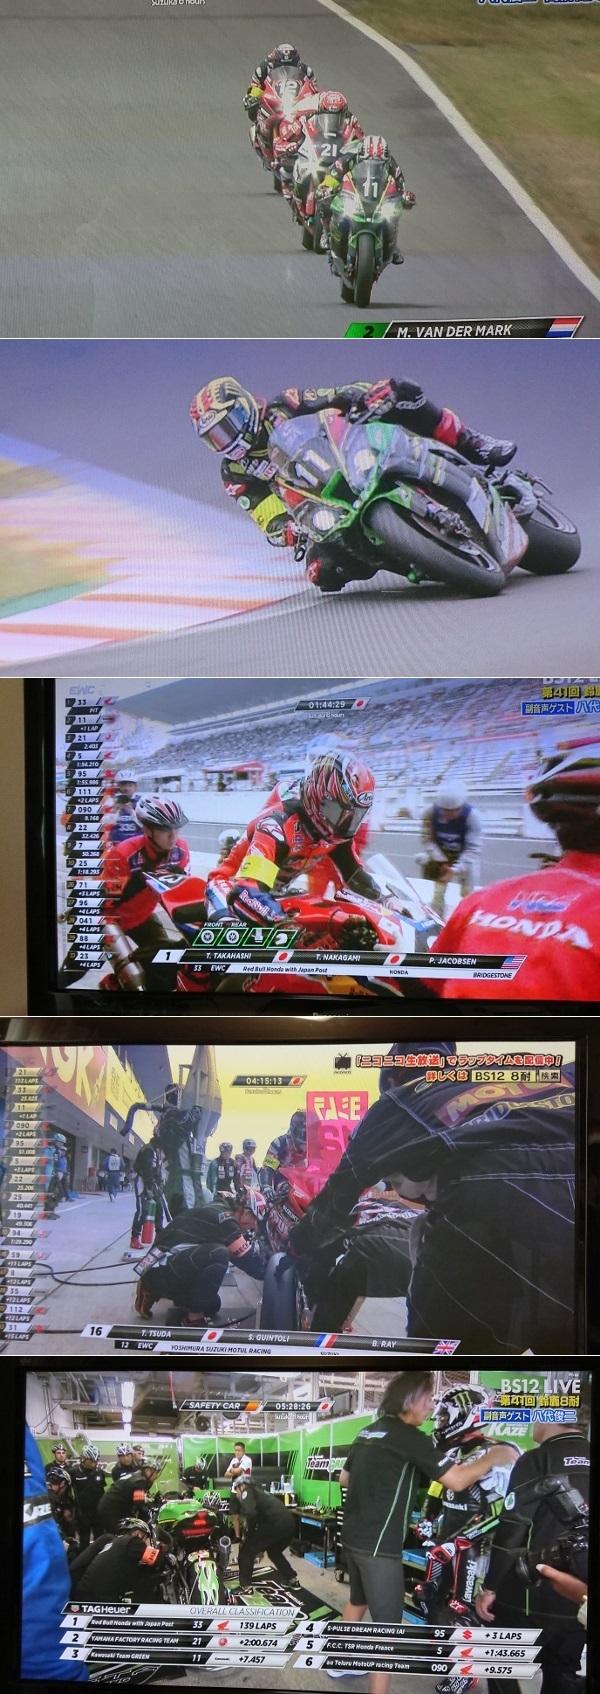 2018年 鈴鹿8耐 TV観戦 1